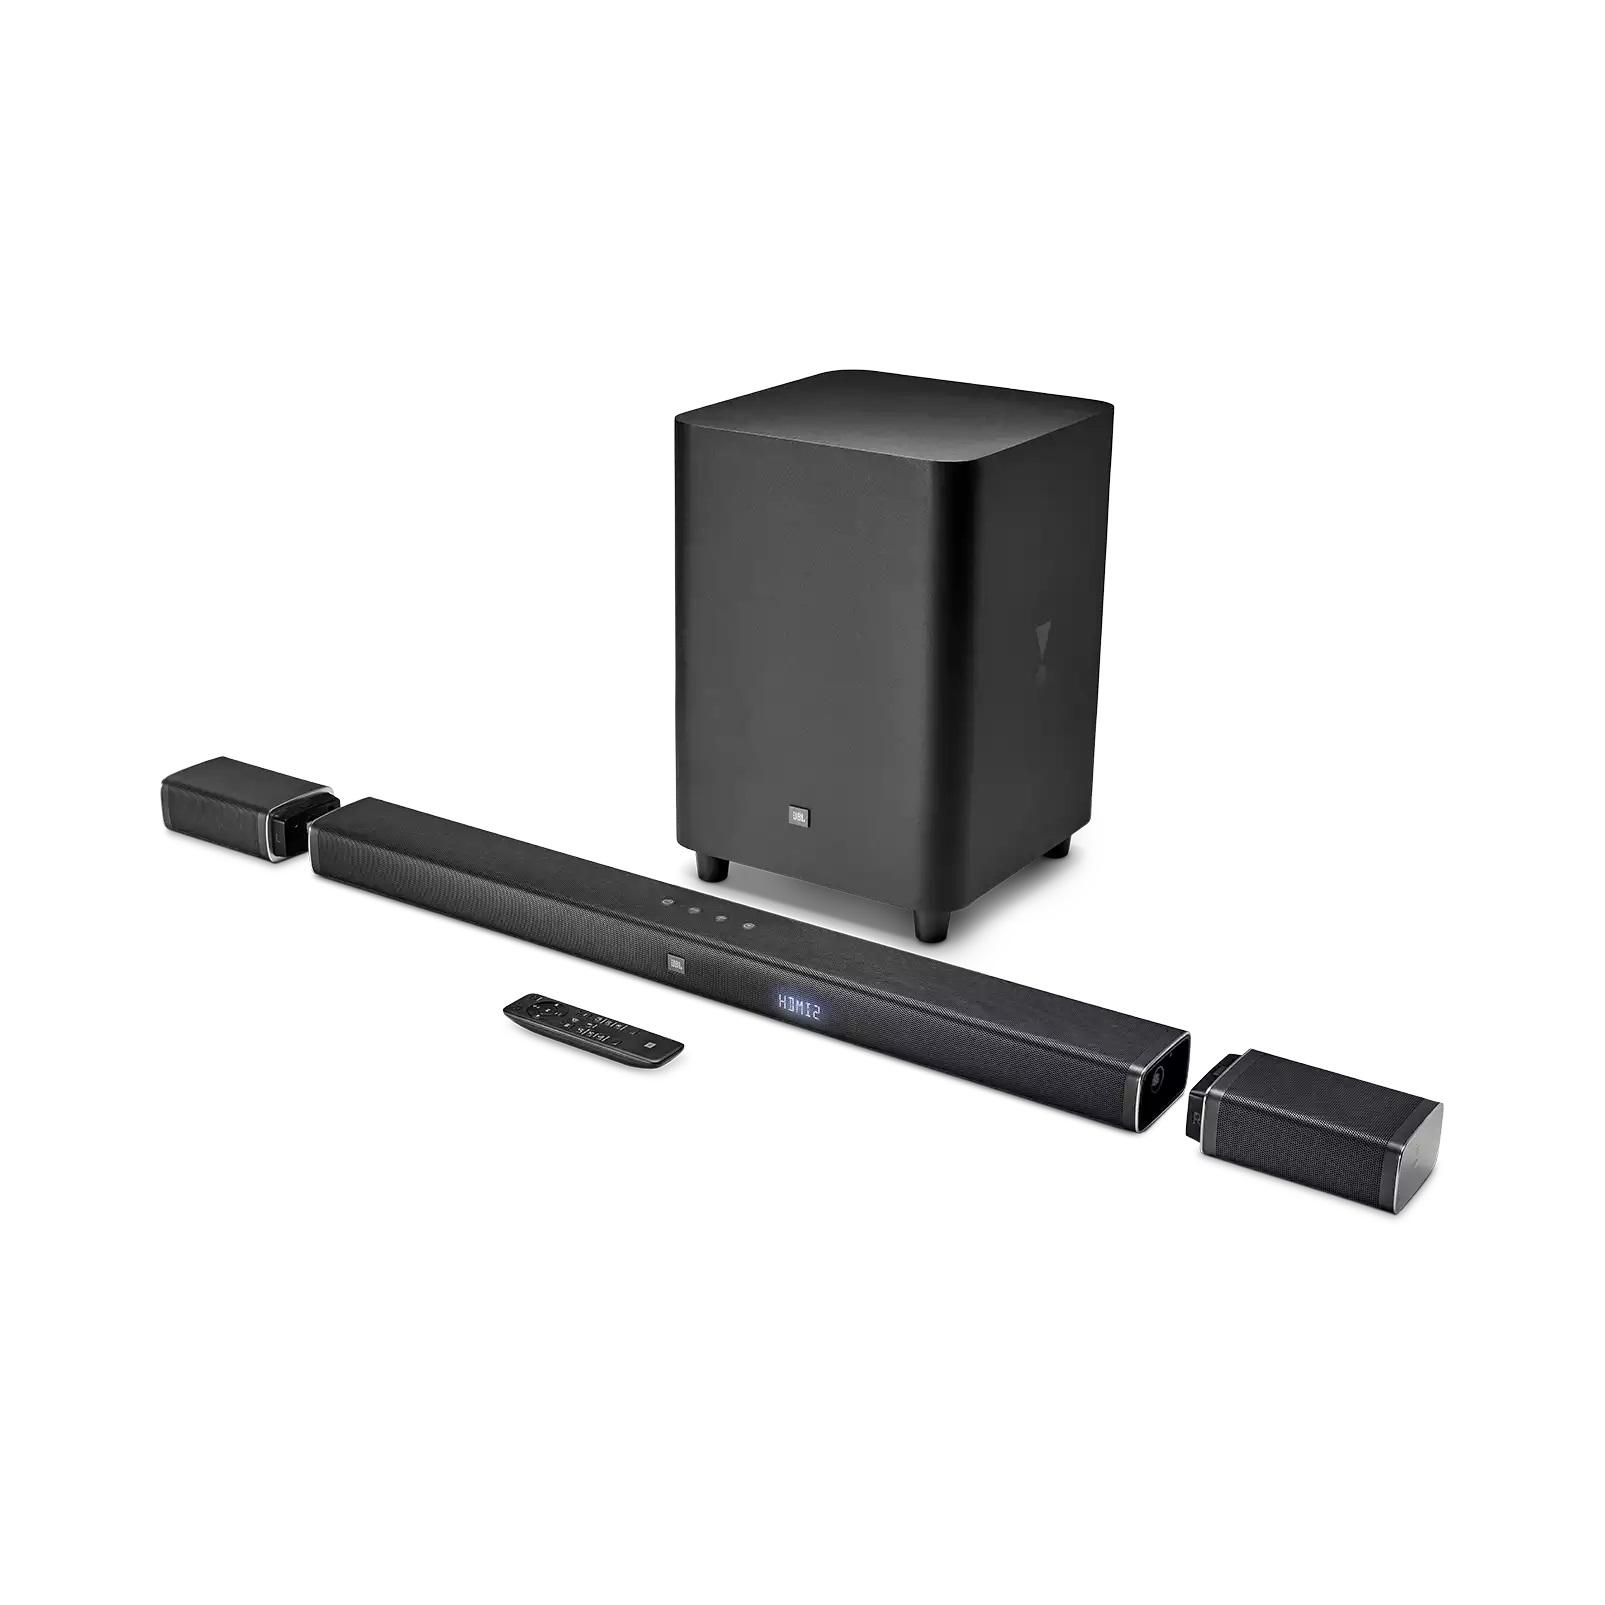 Loa thanh Soundbar JBL Bar 5.1